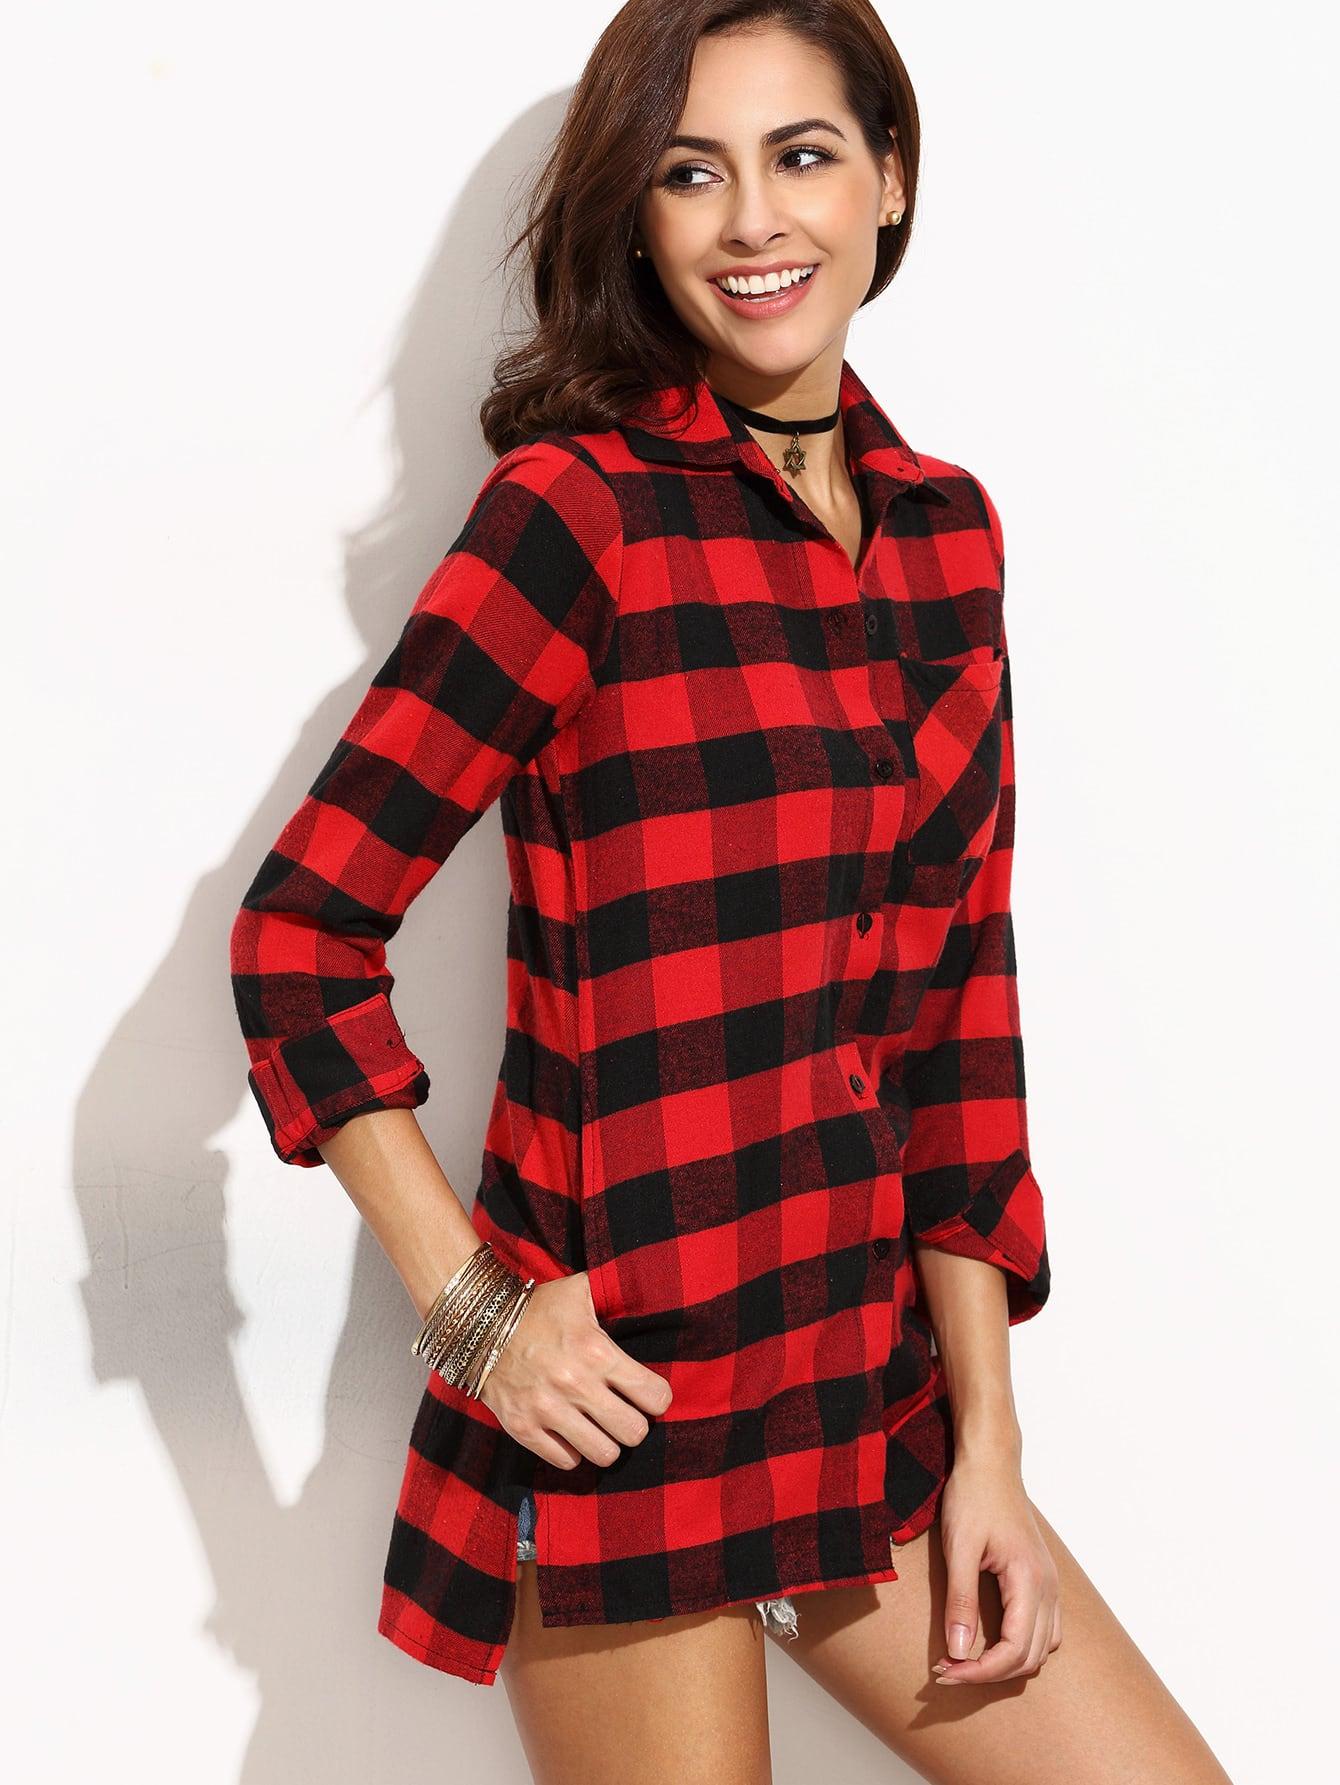 Blouse asym trique fendu carreaux noir rouge french romwe for Interieur paupiere inferieure rouge